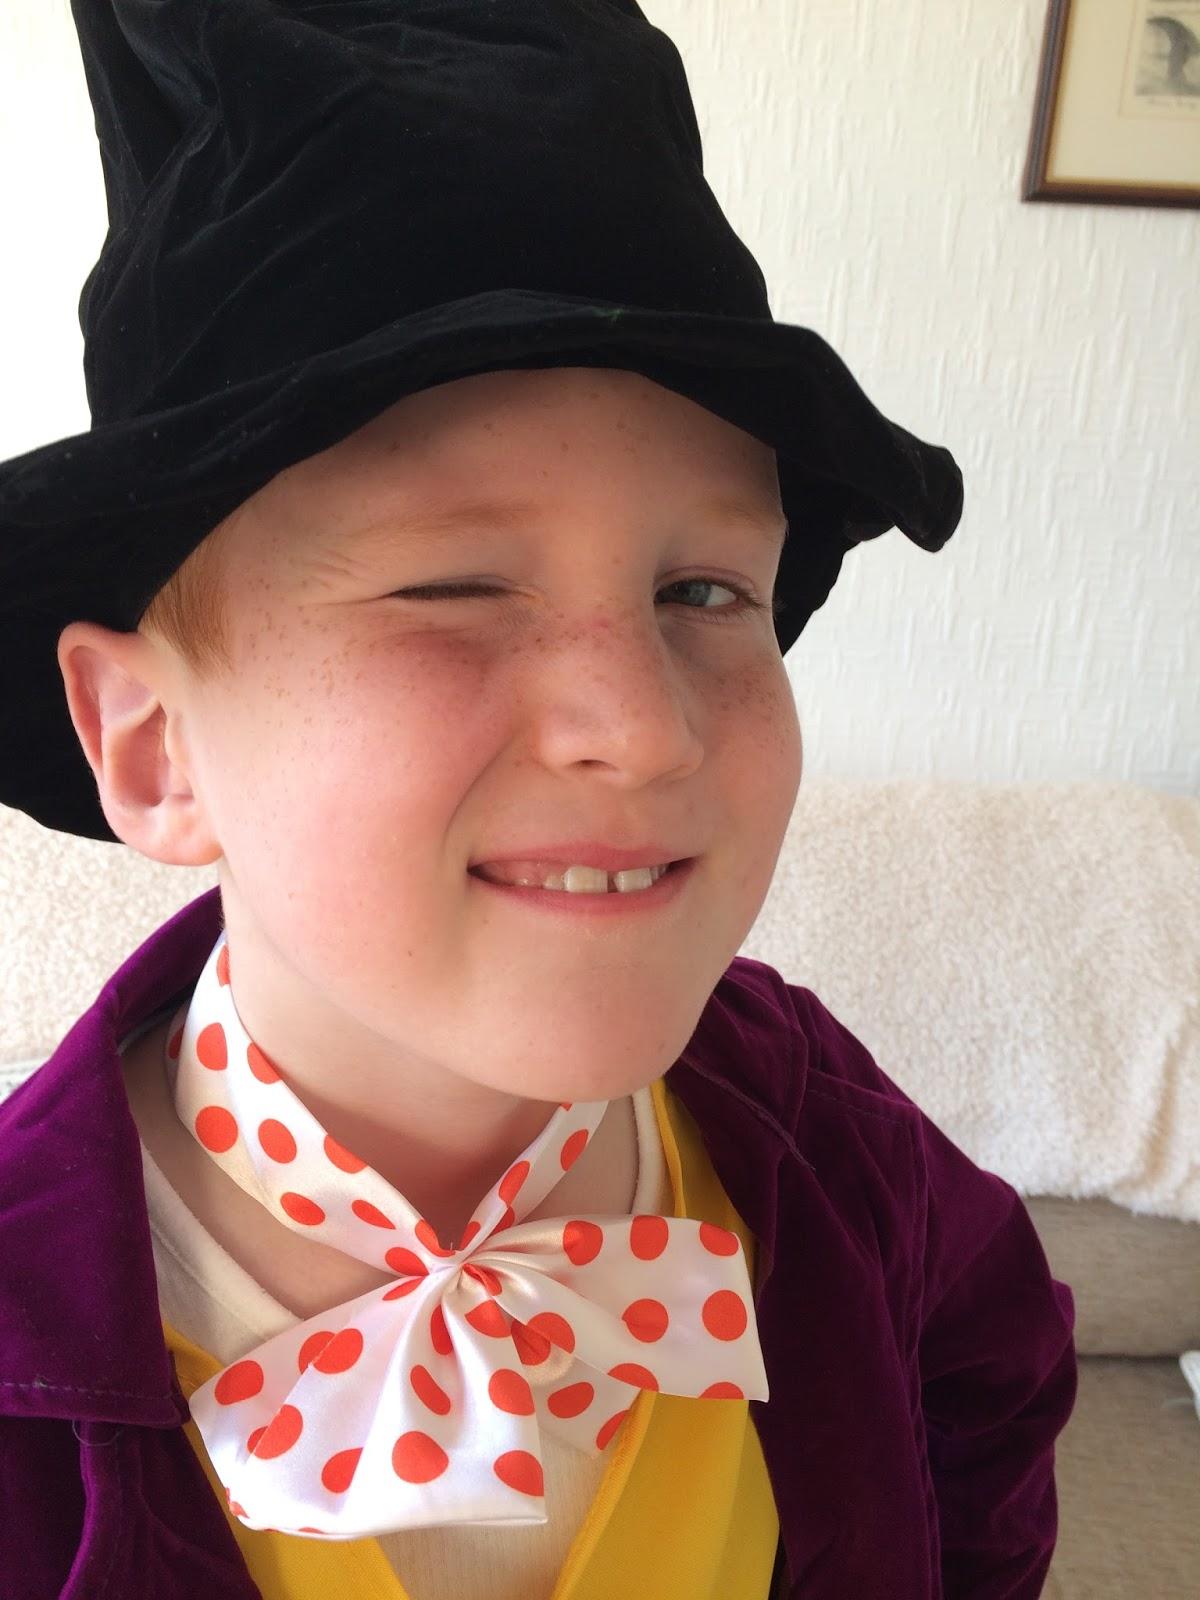 Ieuan as Willy Wonka